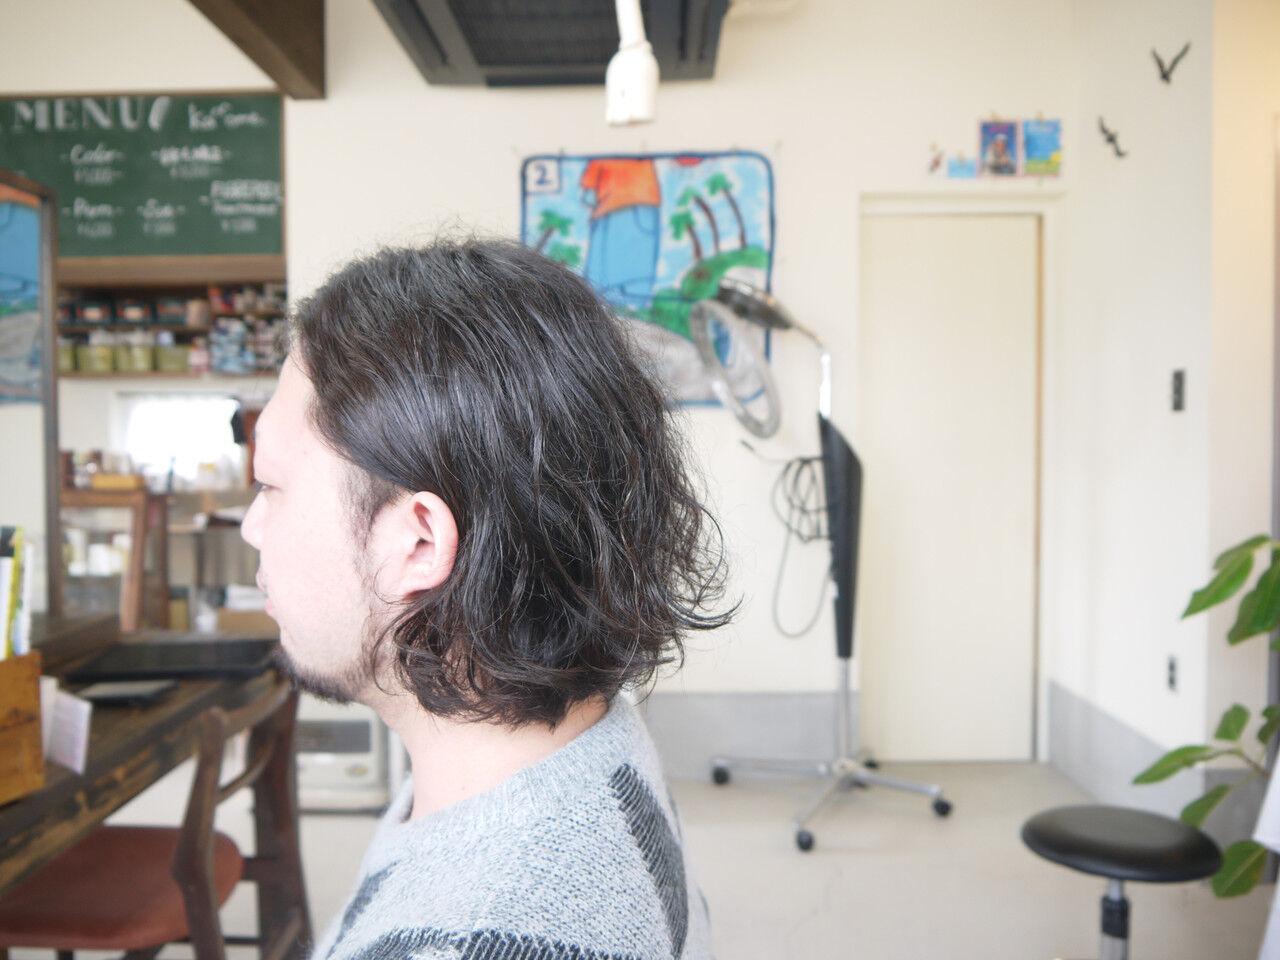 ナチュラル メンズカット メンズパーマ メンズスタイルヘアスタイルや髪型の写真・画像